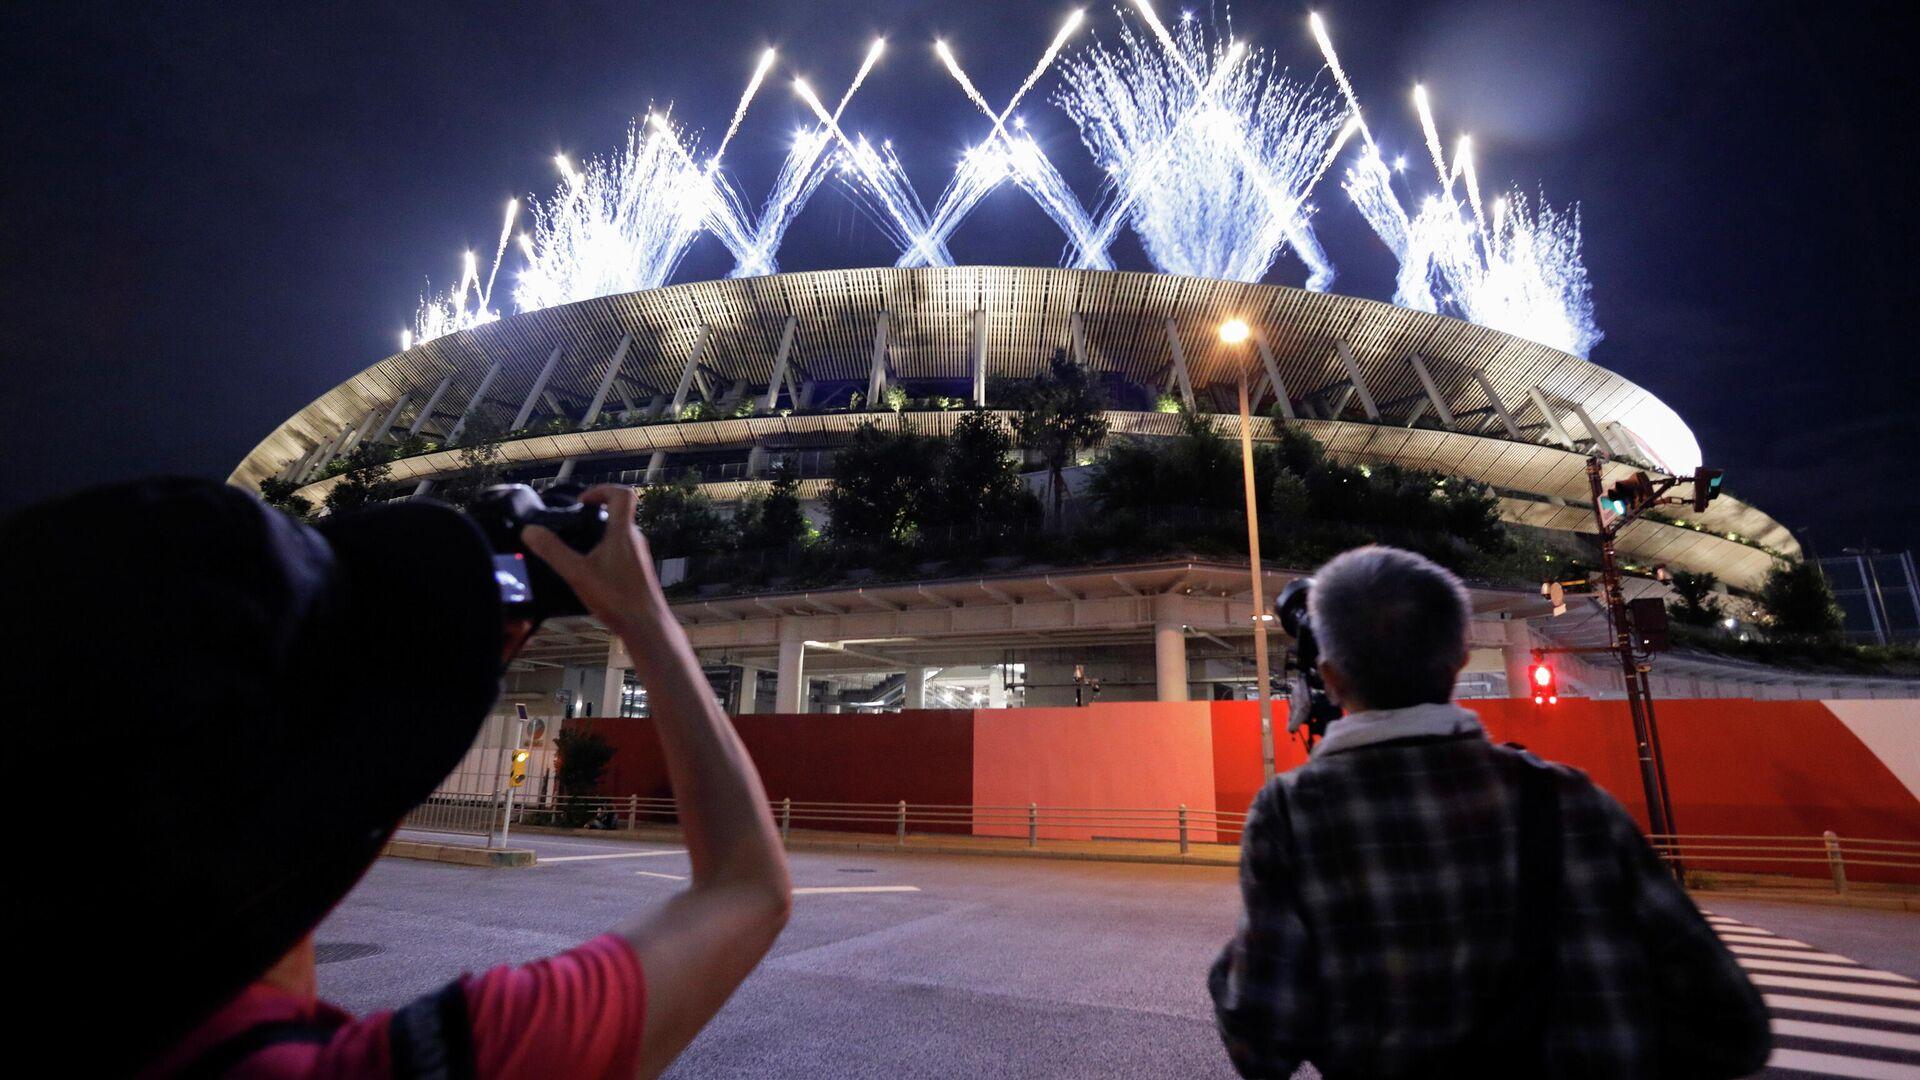 La ceremonia de clausura de los Juegos Paralímpicos de Tokio 2020, el 5 de septiembre de 2021 - Sputnik Mundo, 1920, 05.09.2021